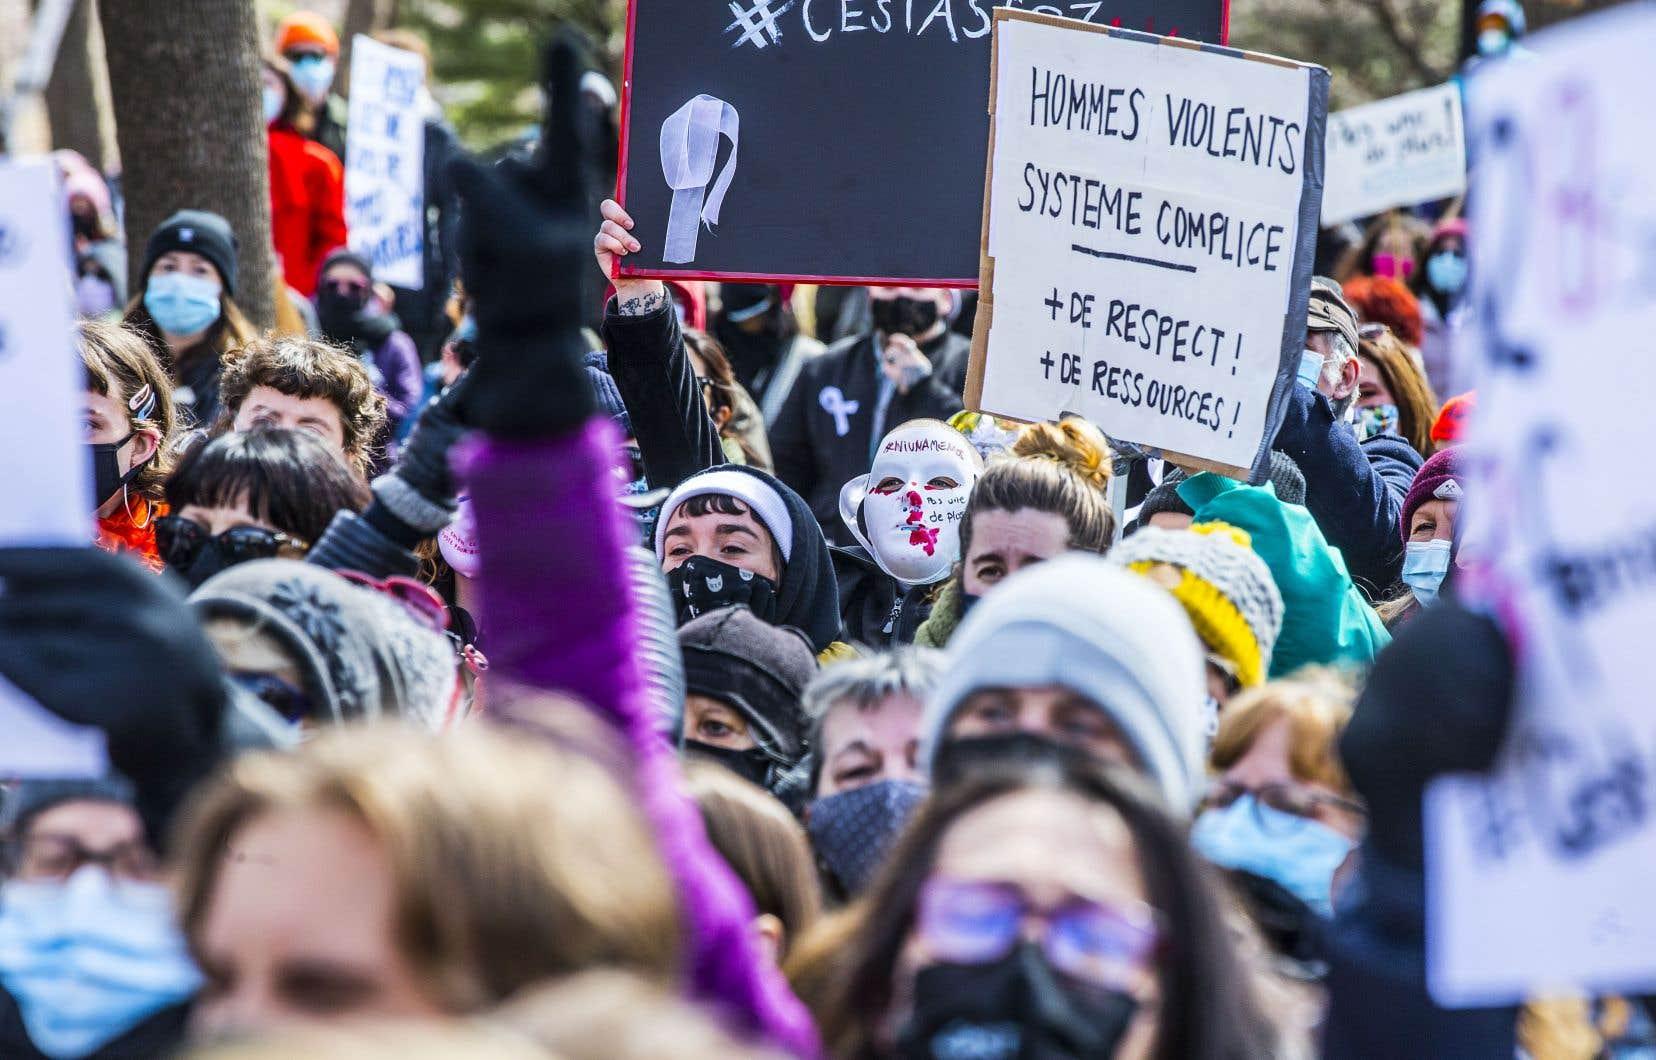 Vendredi avait lieu à Montréal une marche pour dénoncer les violences contre les femmes qui a réuni plus d'un millier de personnes. Quelques heures plus tôt, le huitième féminicide en huit semaines au Québec avait été confirmé.